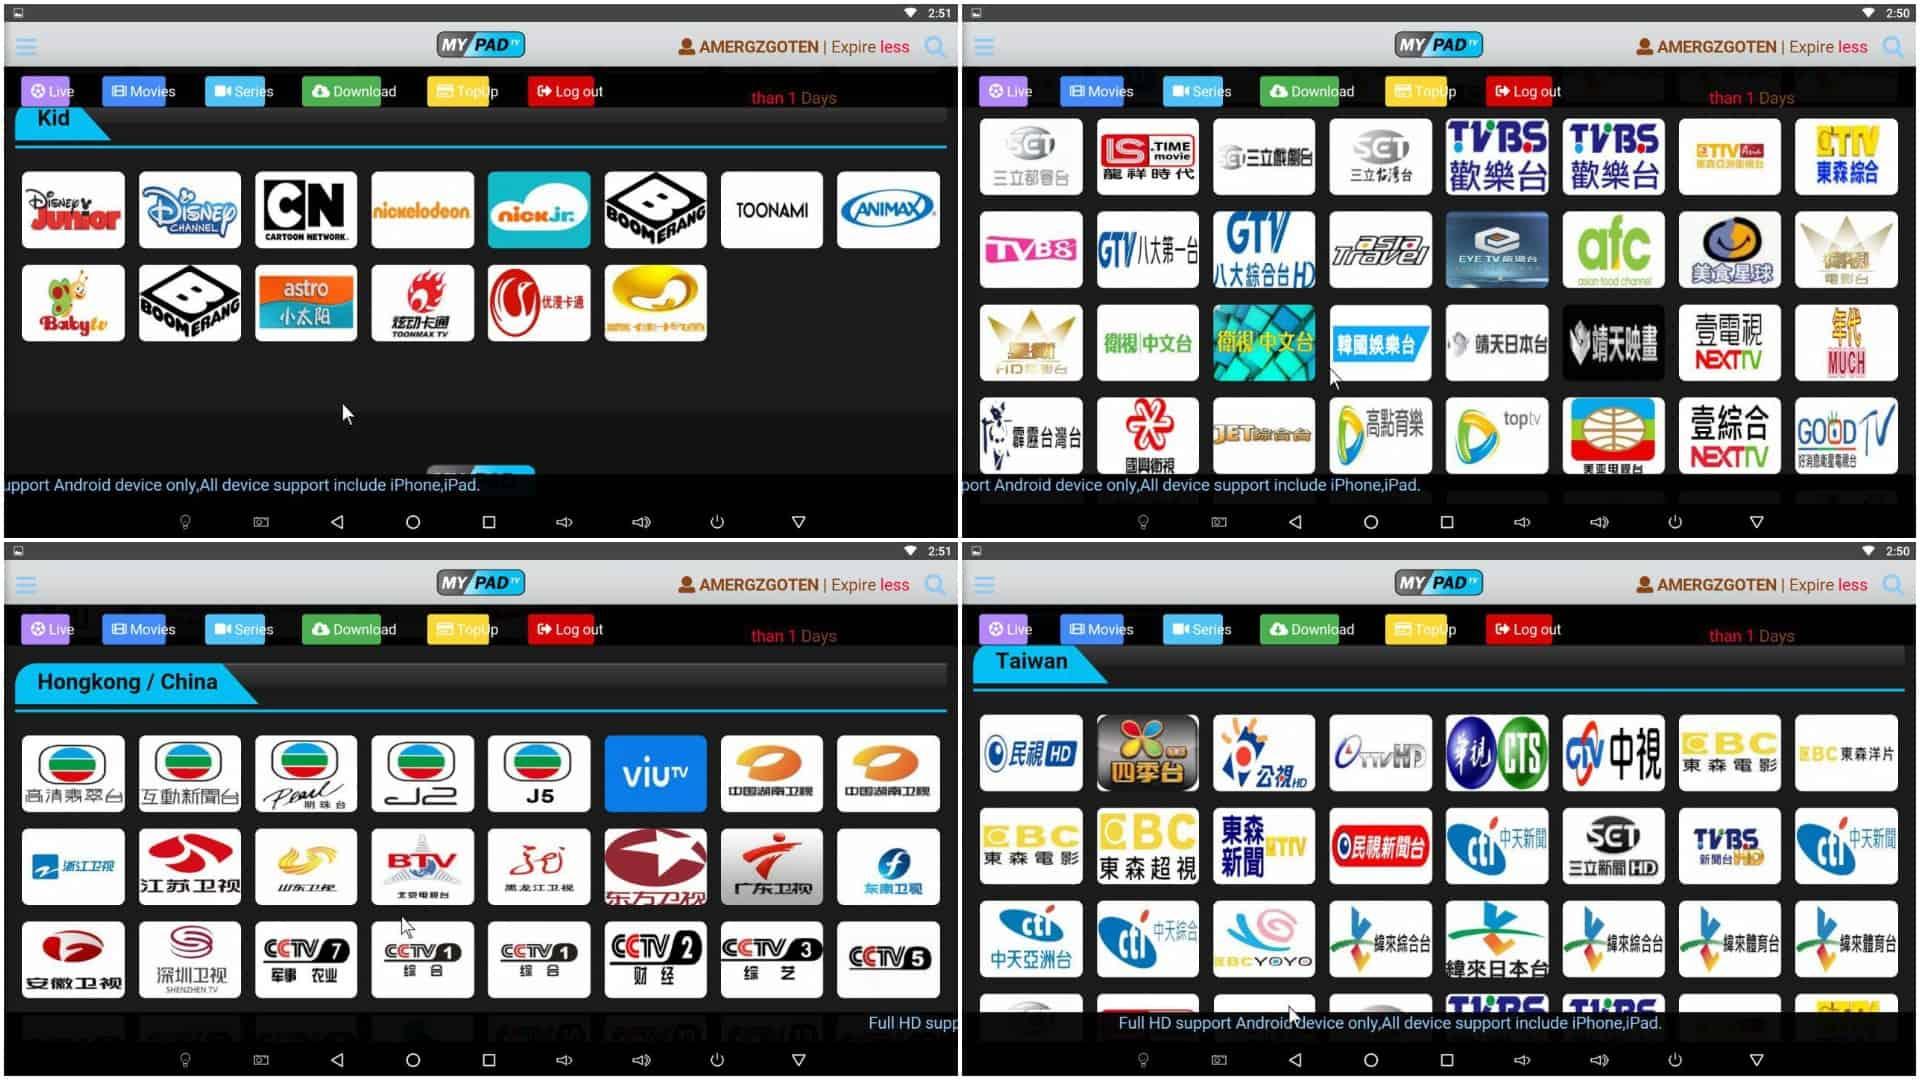 mypadtv5 - Kodi IPTV Malaysia